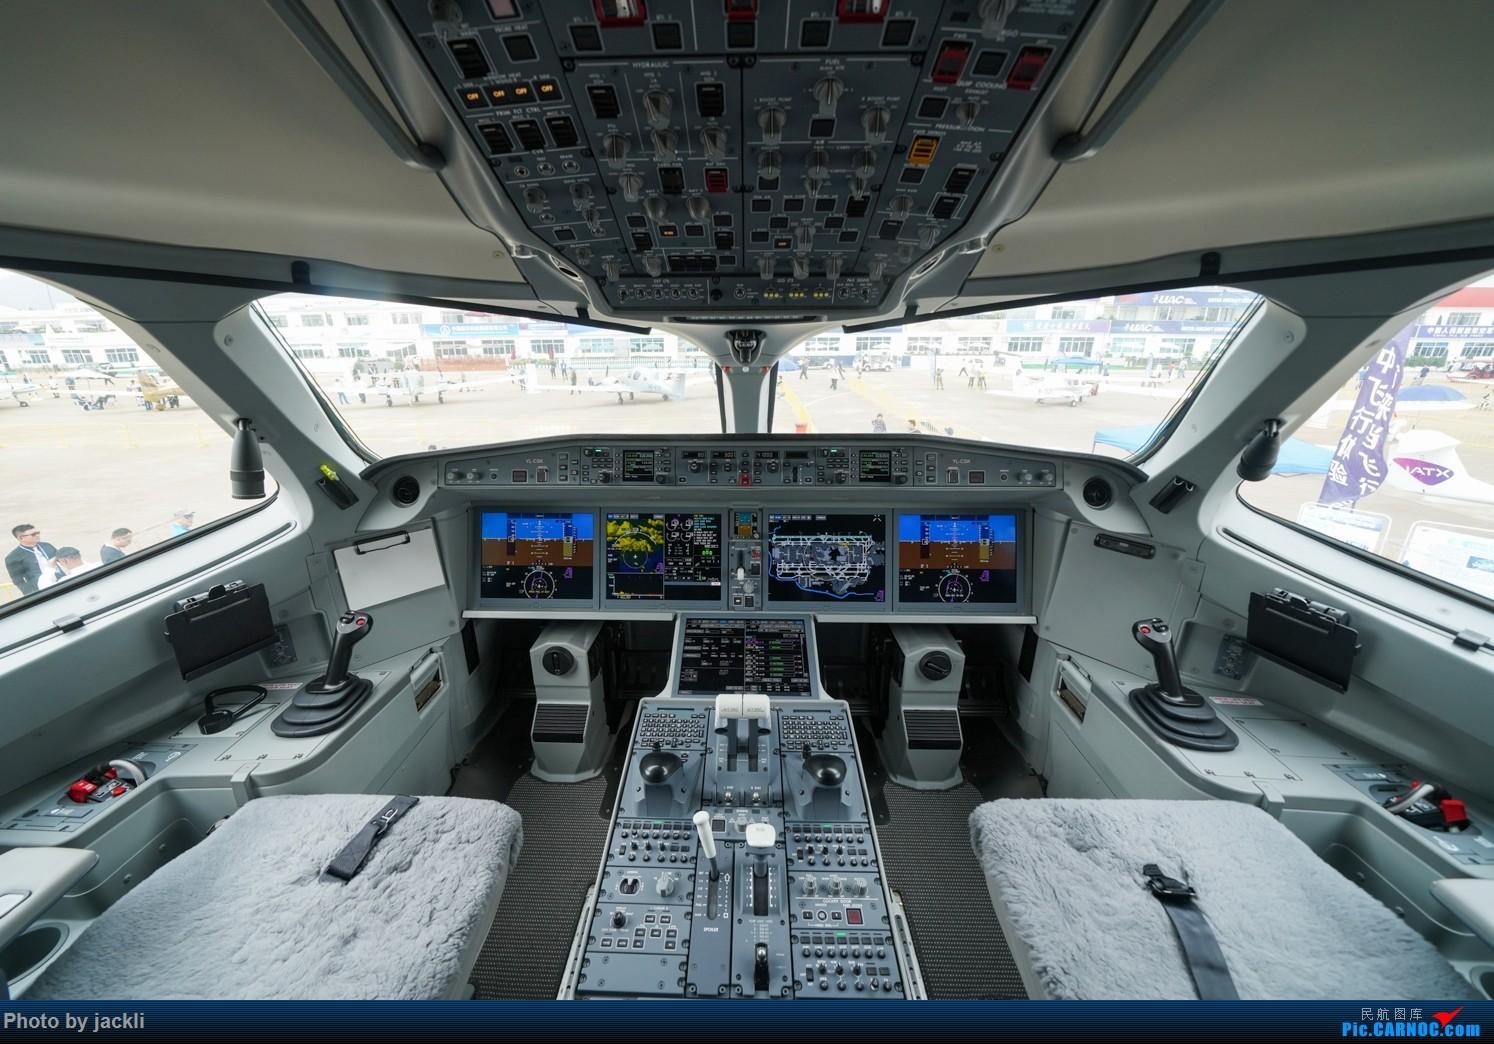 Re:[原创]【JackLi珠海航展】A220与E190-E2初体验~ AIRBUS A220-300 YL-CSK 中国珠海金湾机场